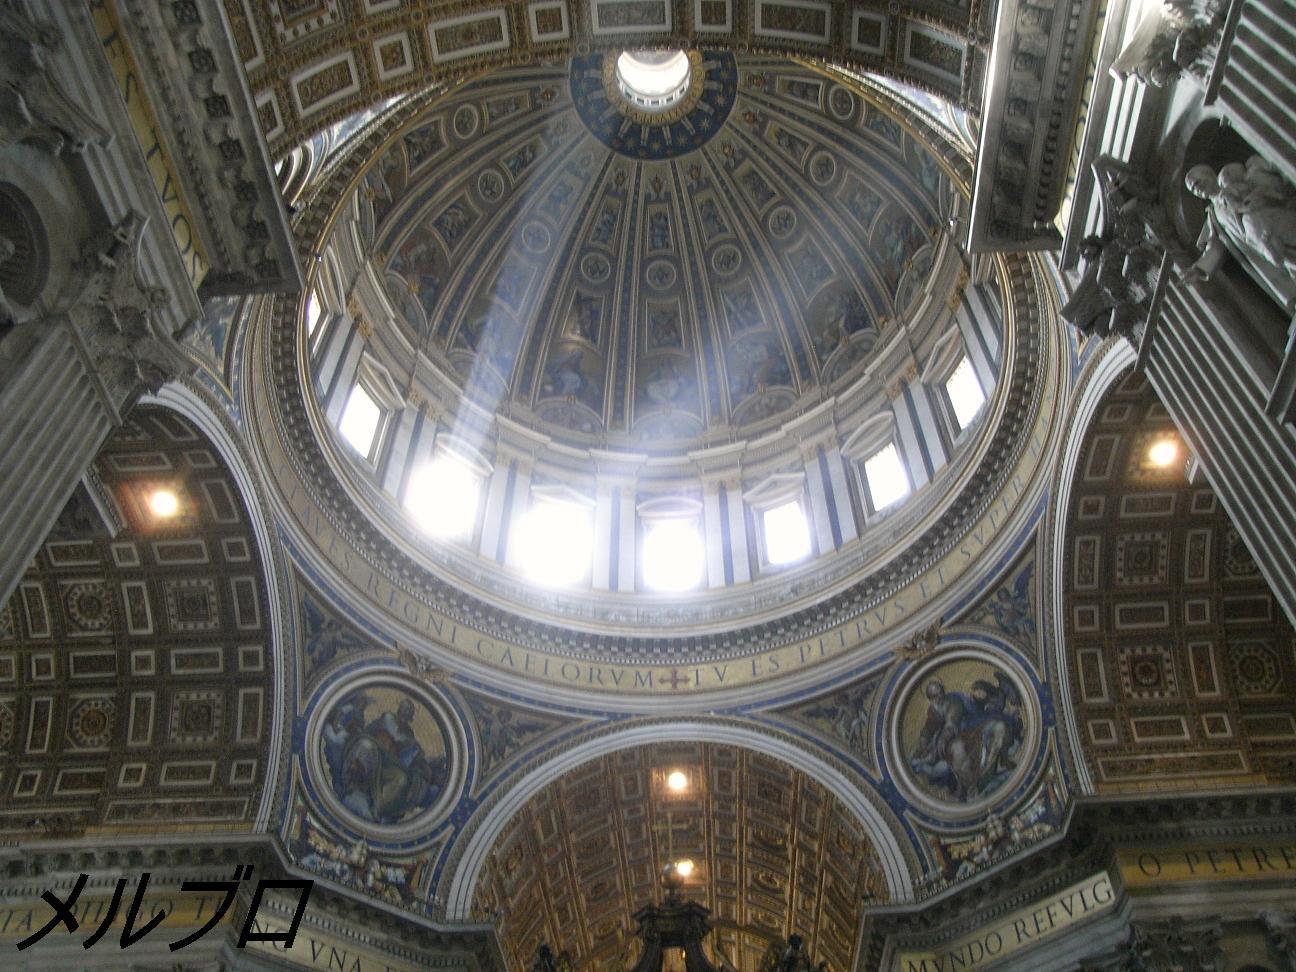 中心の天井